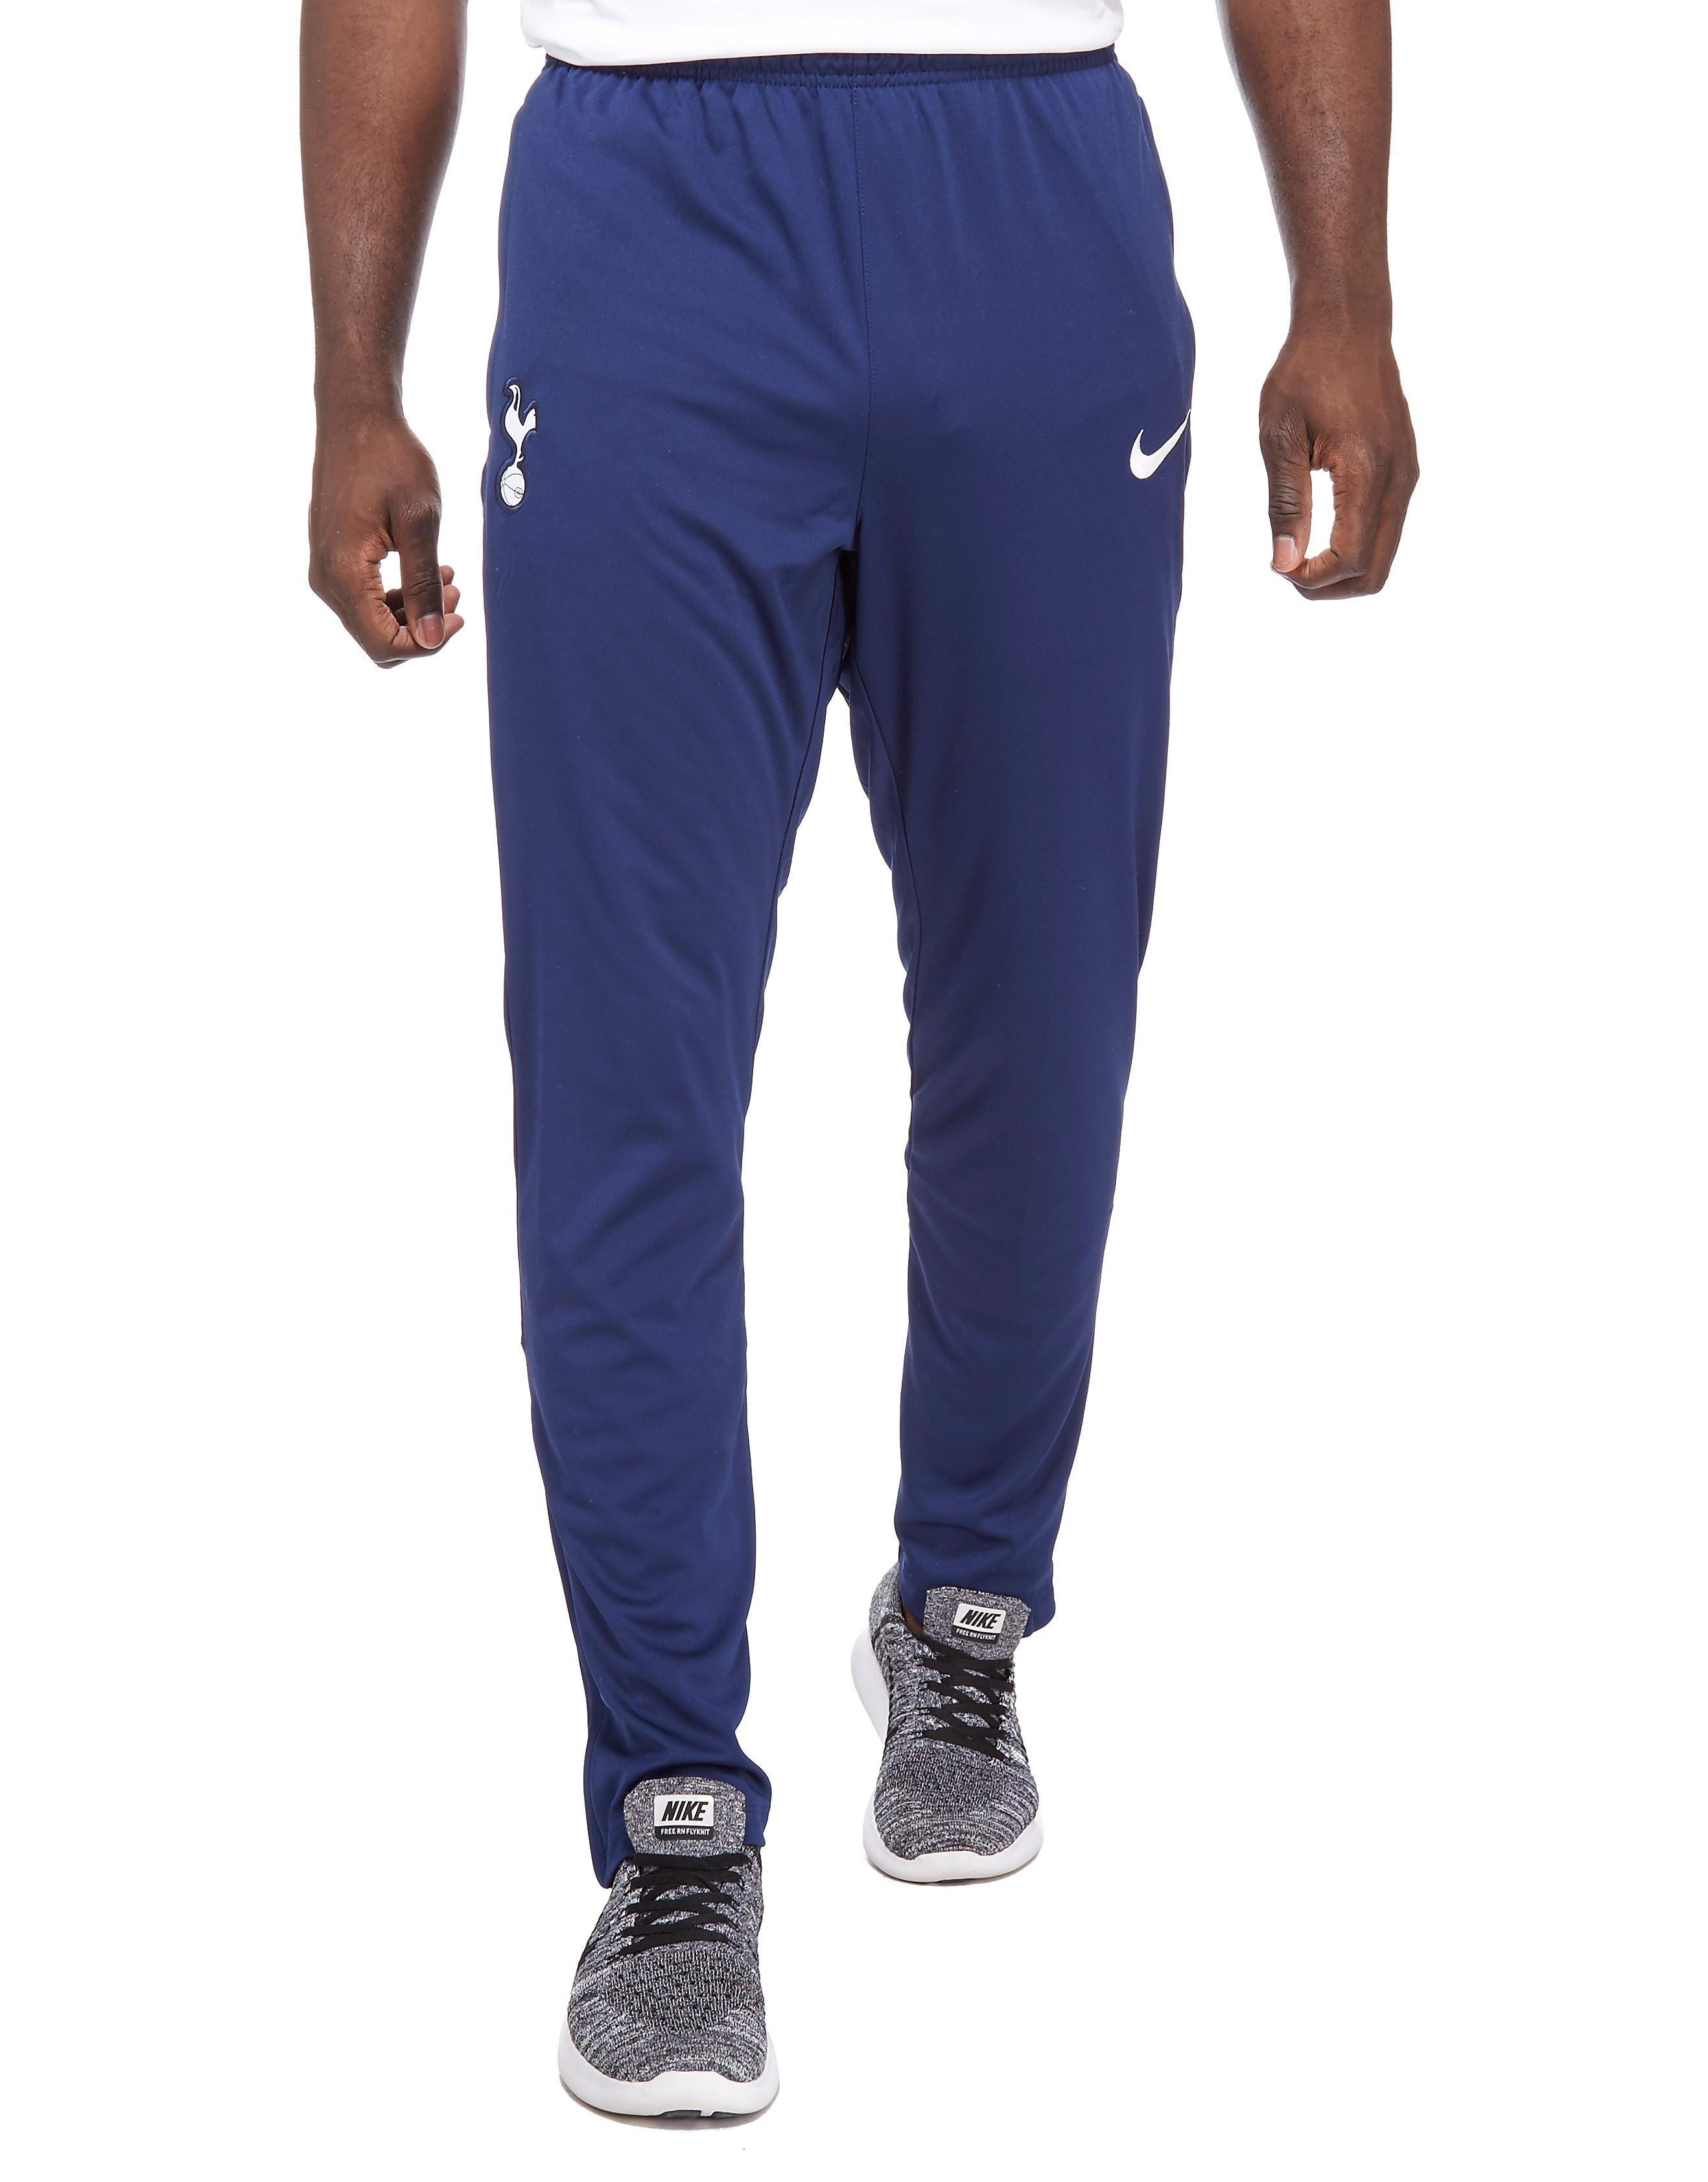 Nike Pantalon Tottenham Hotspur 2017 Squad Homme